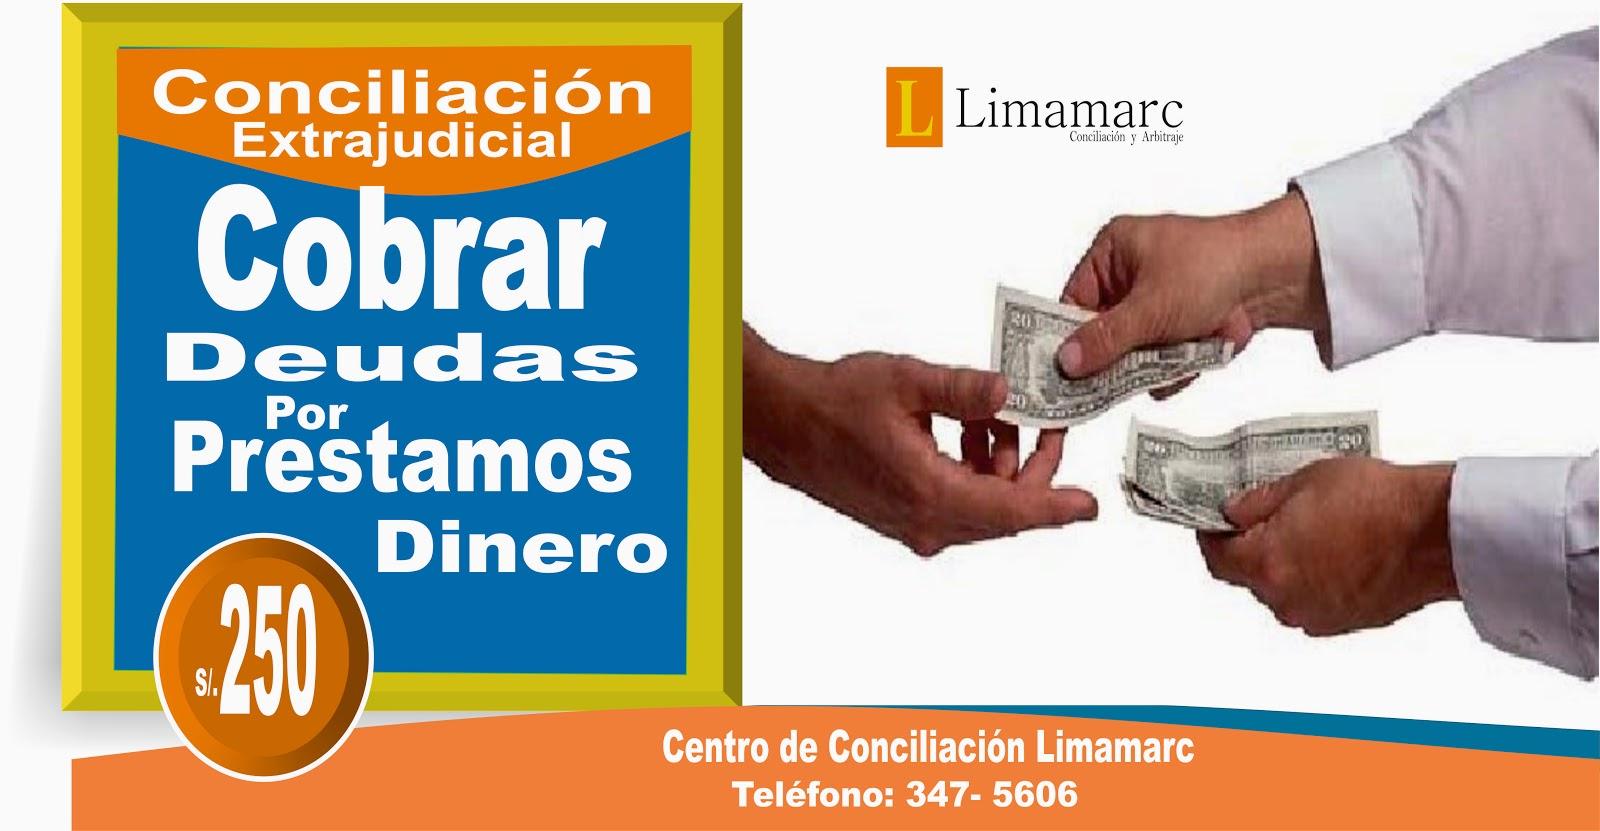 Conciliaci n extrajudicial para cobrar prestamos de dinero for Modelo acuerdo extrajudicial clausula suelo